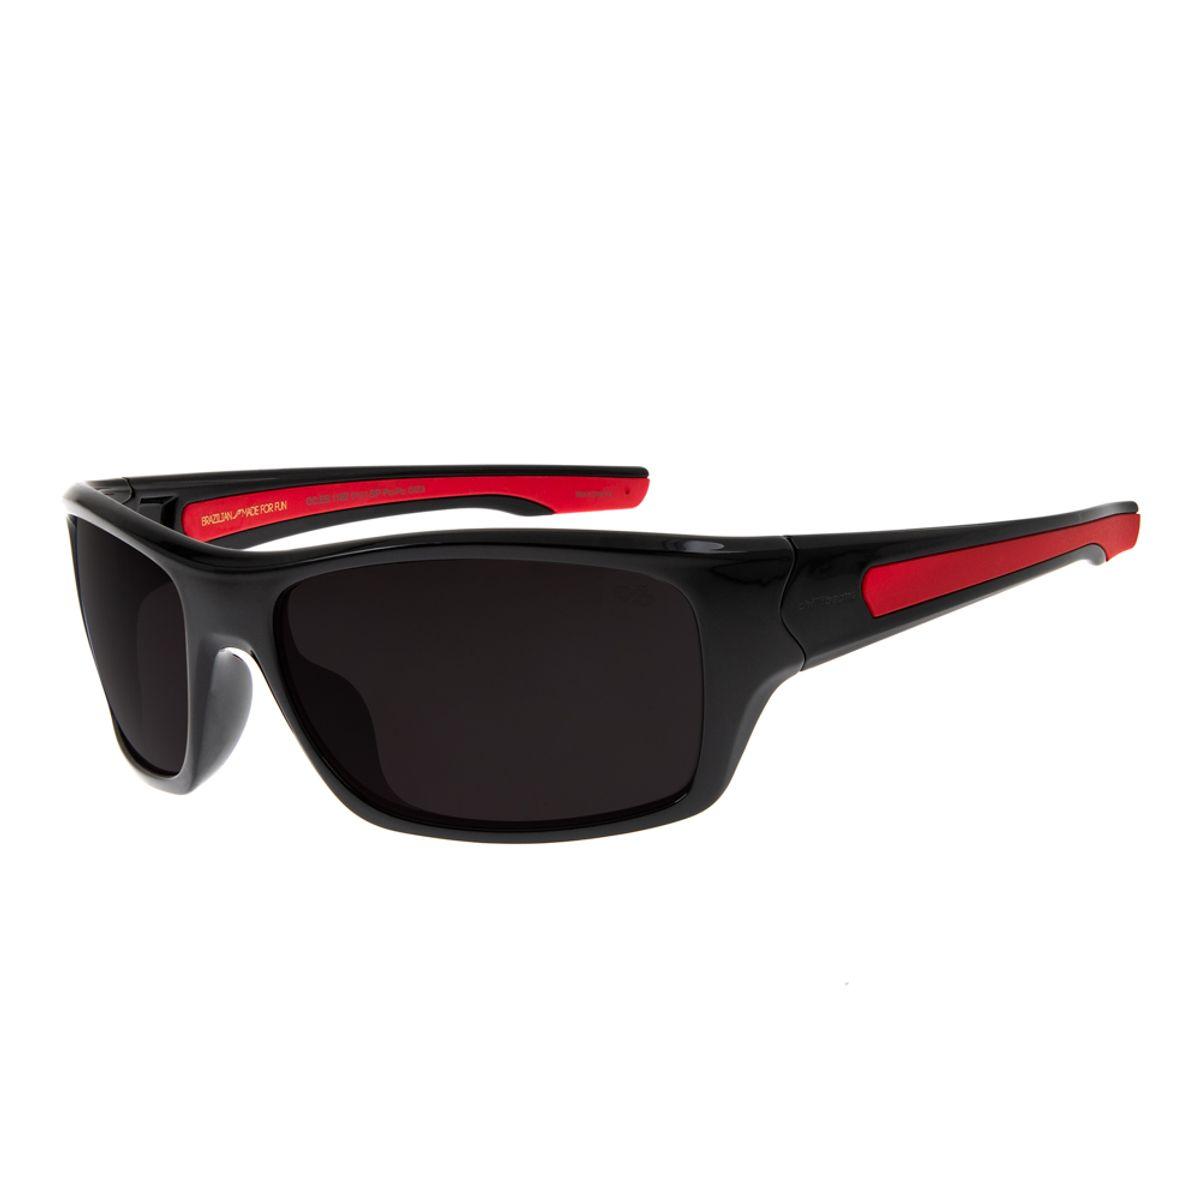 48973de60 Óculos de Sol Masculino Chilli Beans Esportivo Detalhe Vermelho ...